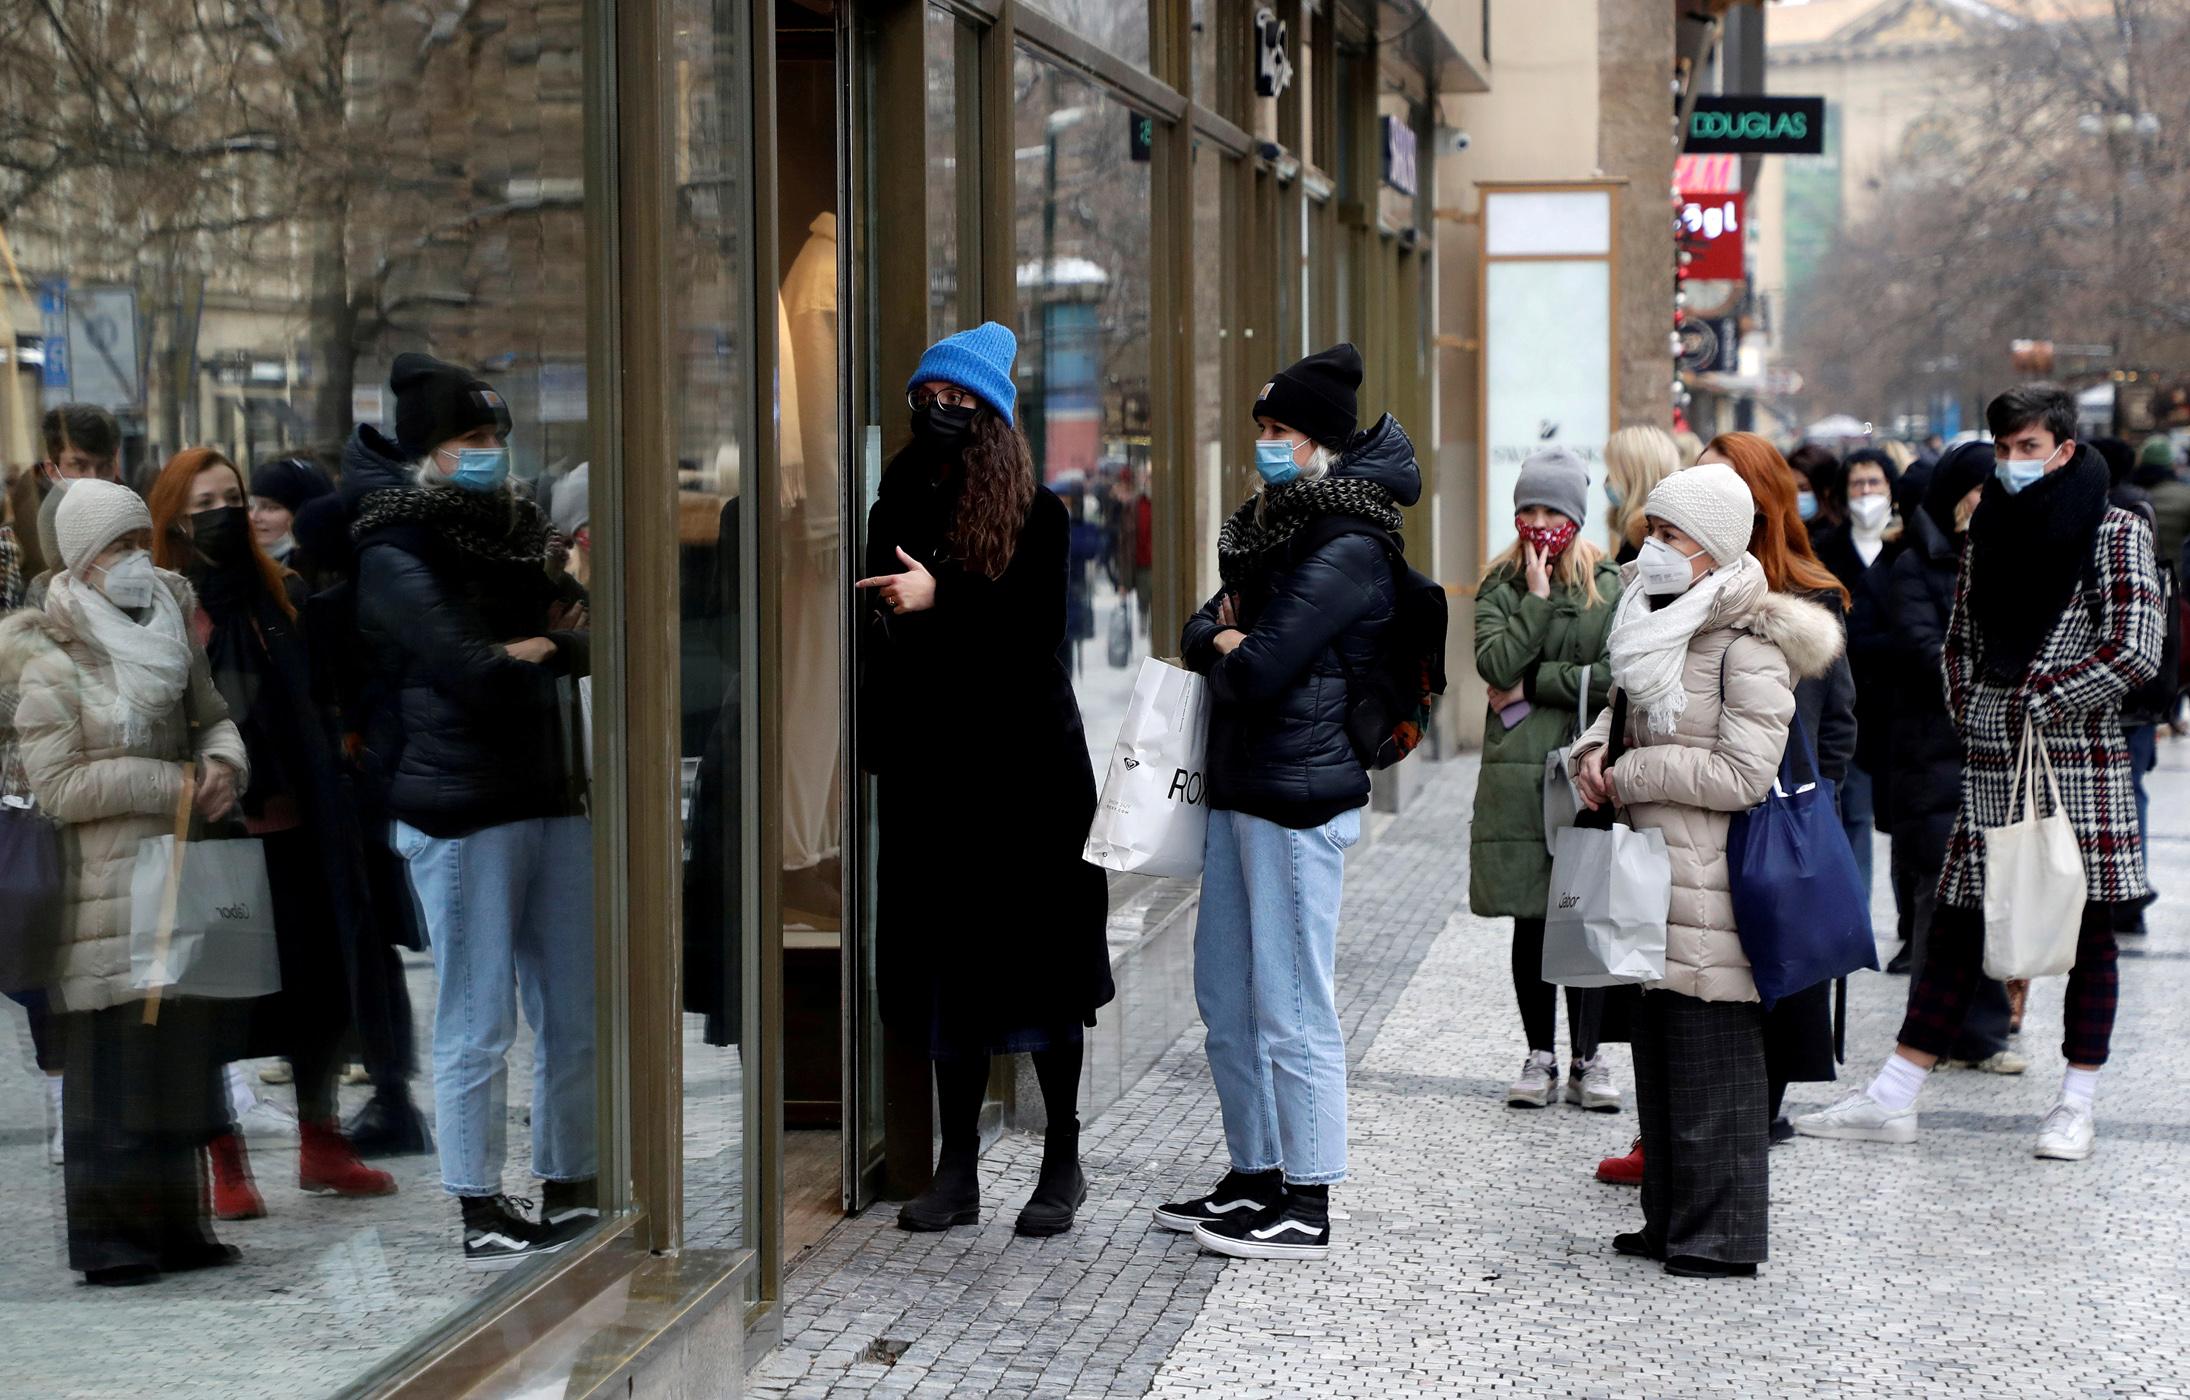 Τσεχία: Κλείνει εστιατόρια, μπαρ και επιβάλλει και πάλι νυχτερινή απαγόρευση